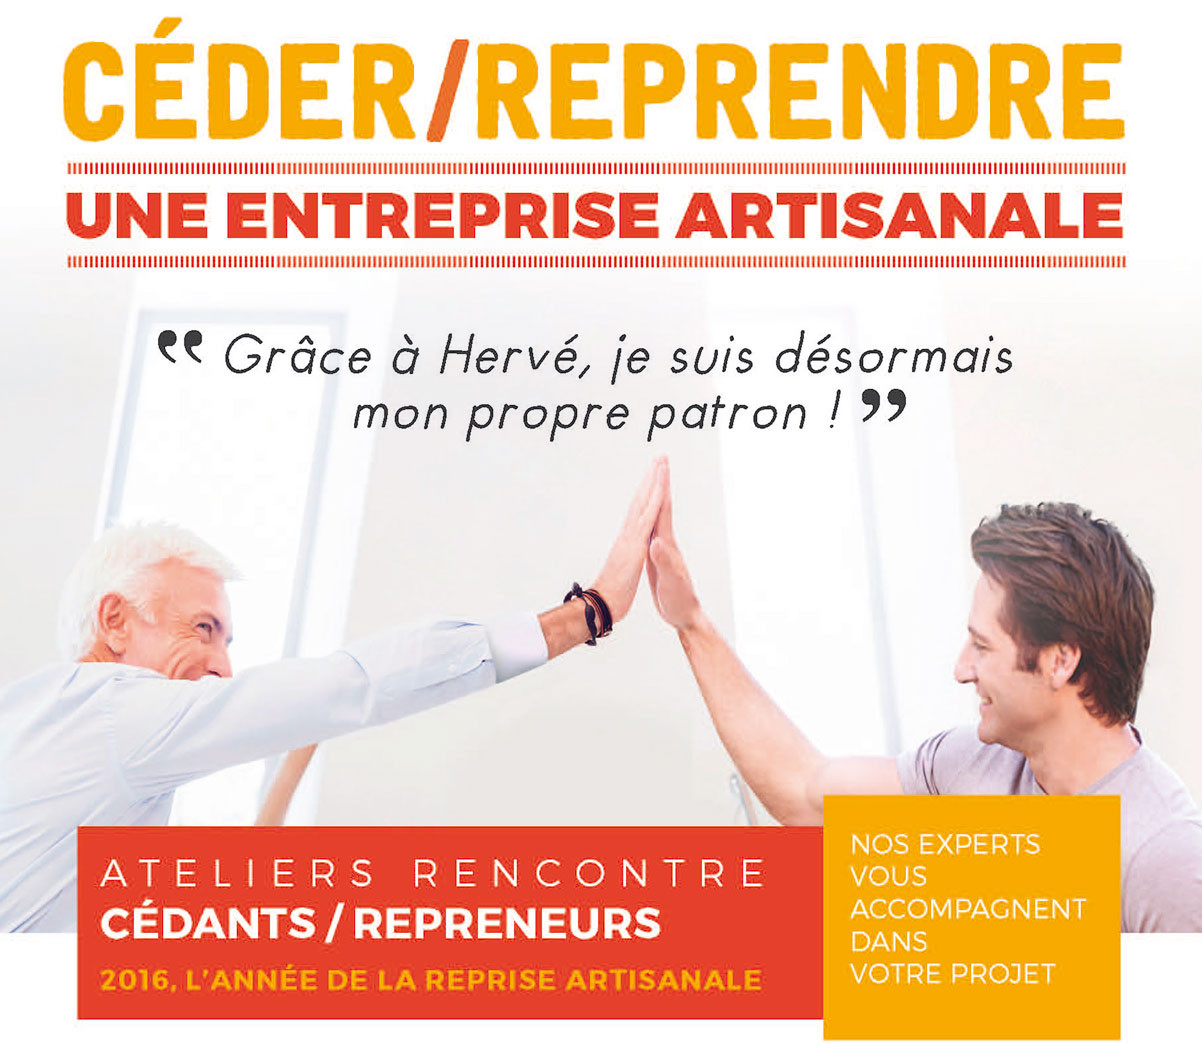 Ateliers Rencontre cedants / repreneurs: Etre au bon endroit au bon moment (Aquitaine)